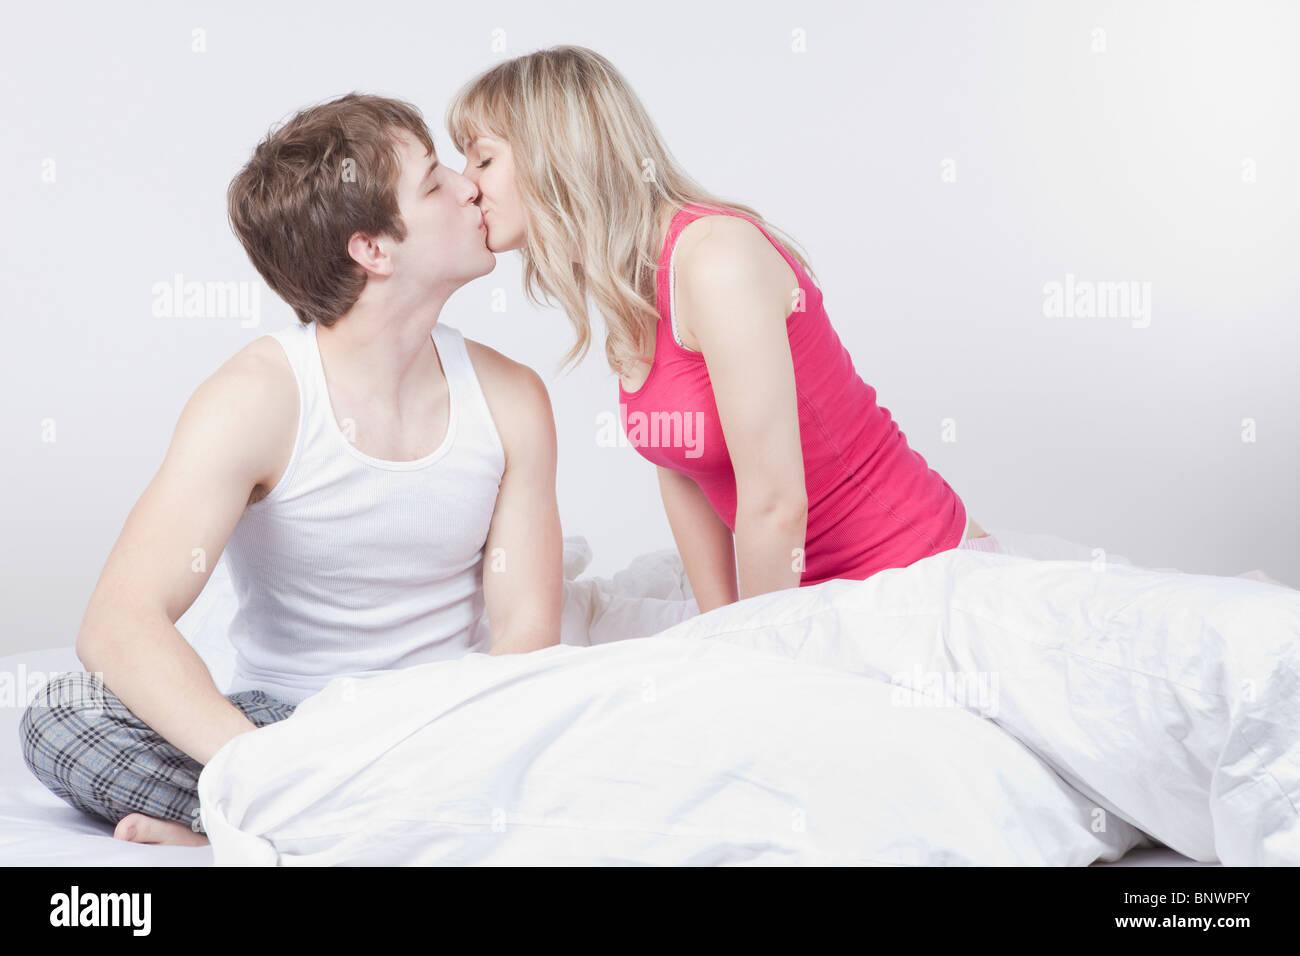 Paar Küssen auf Bett Stockbild